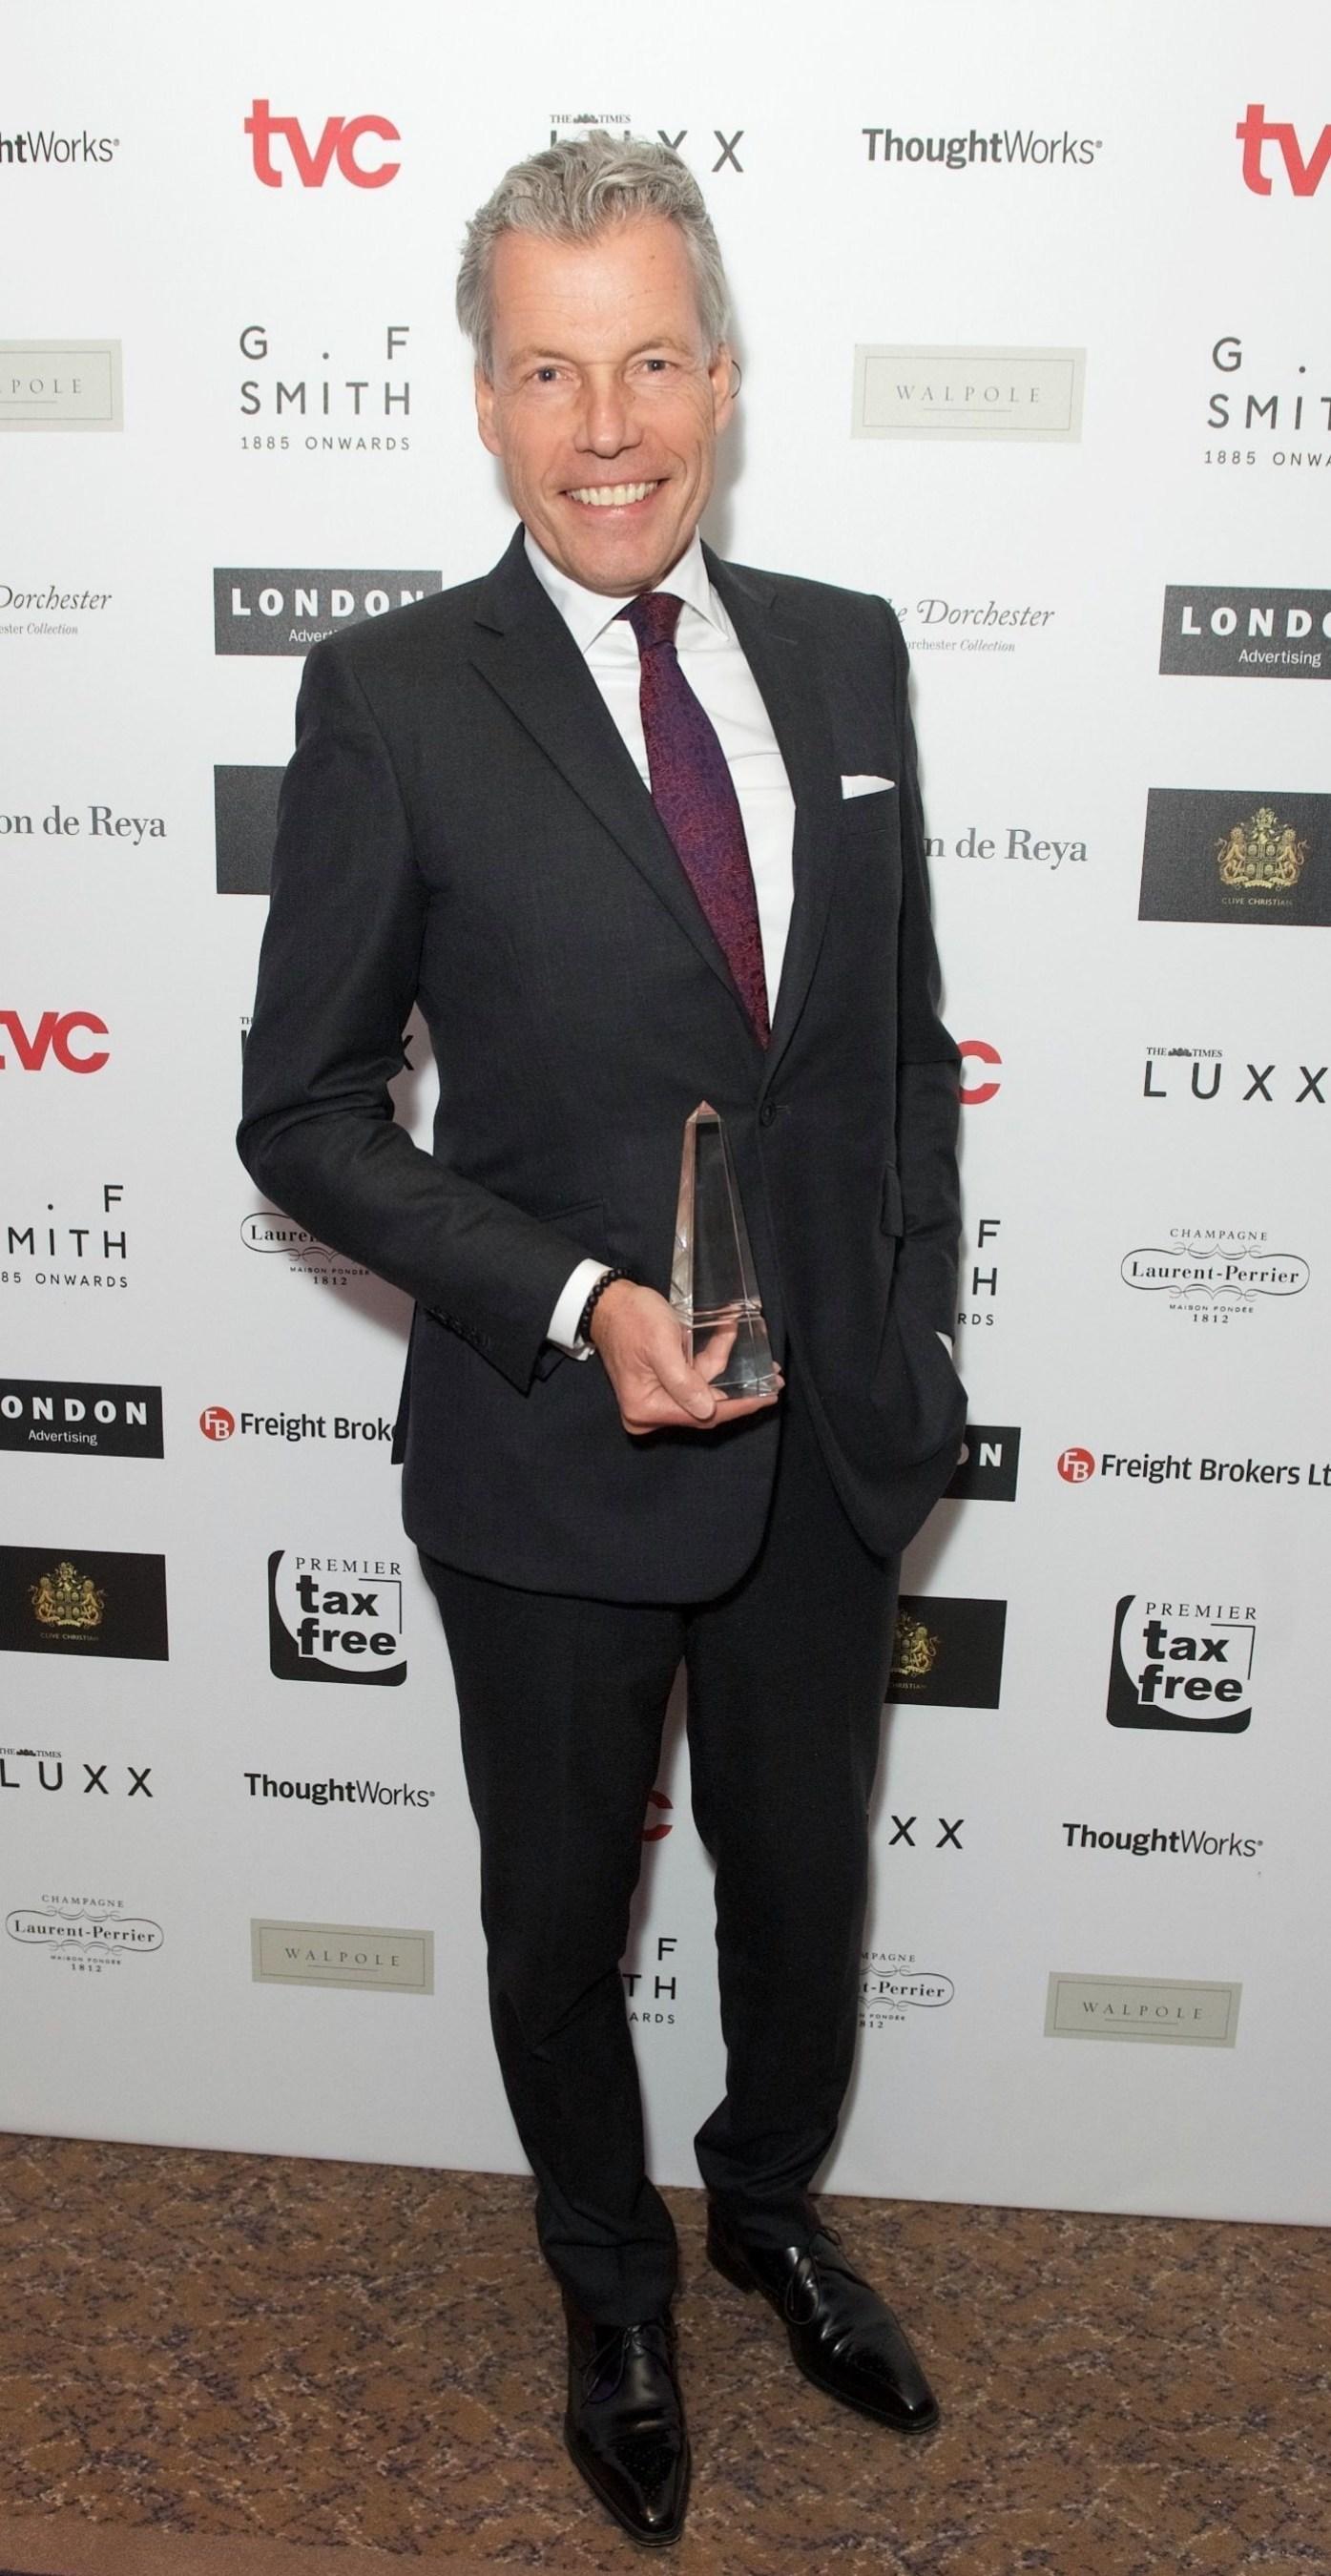 Rolls-Royce Motor Cars Awarded Prestigious British Luxury Award (PRNewsFoto/Rolls-Royce Motor Cars)